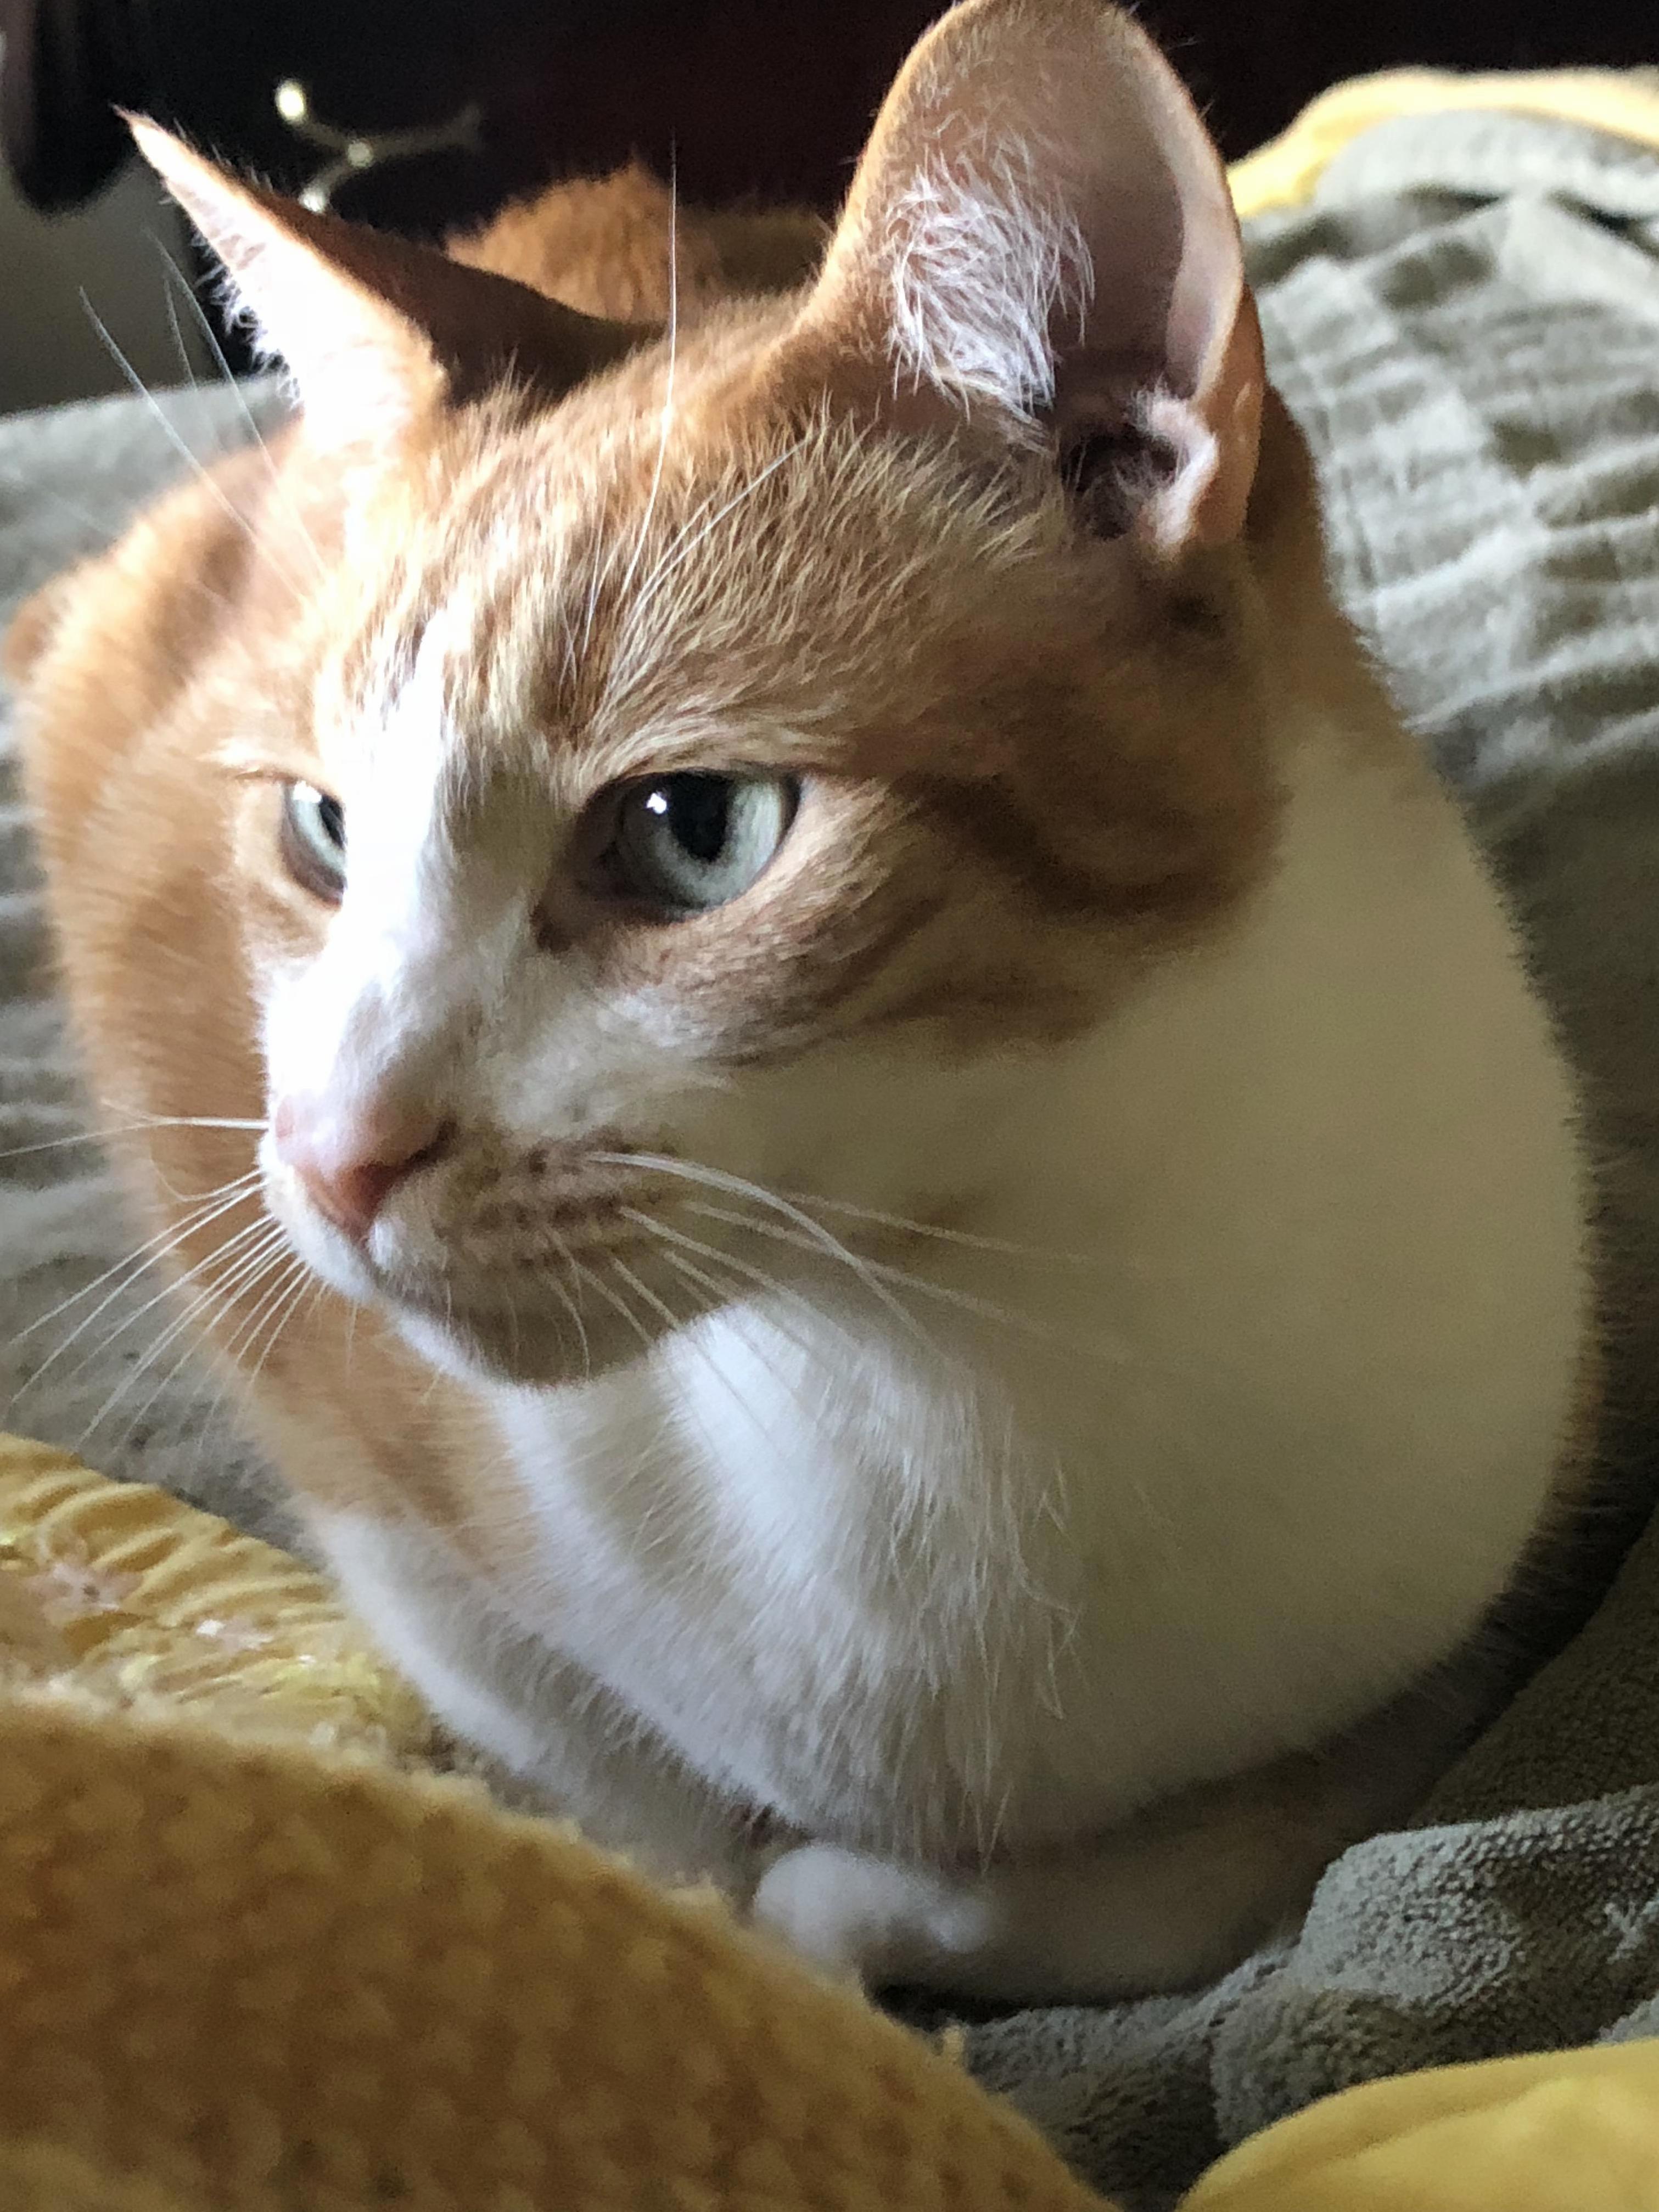 Maximus catticus